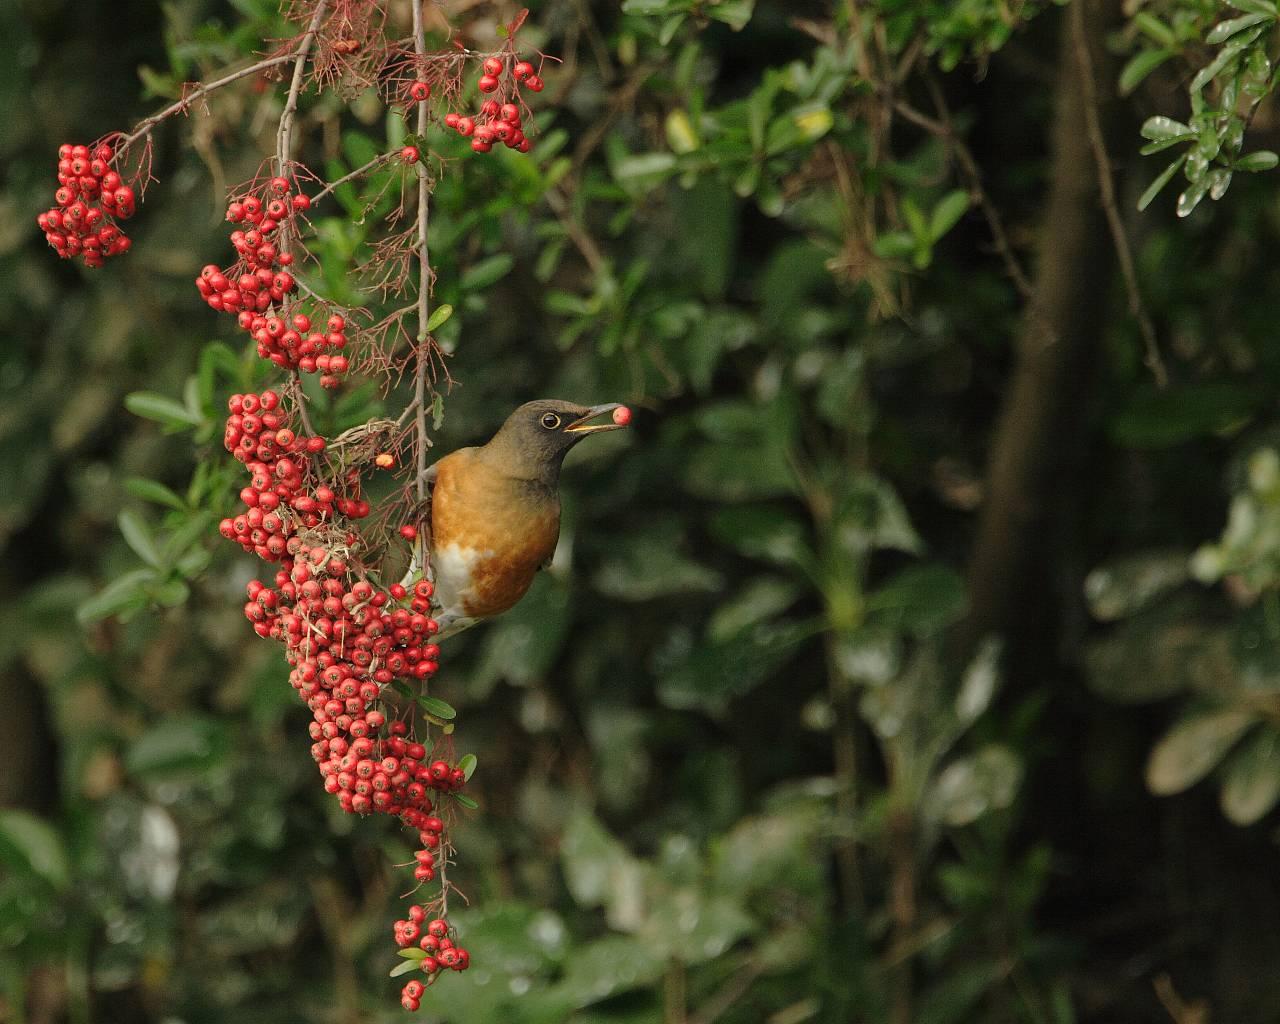 赤い実を咥えるアカハラ(美しい野鳥の壁紙)_f0105570_1651349.jpg